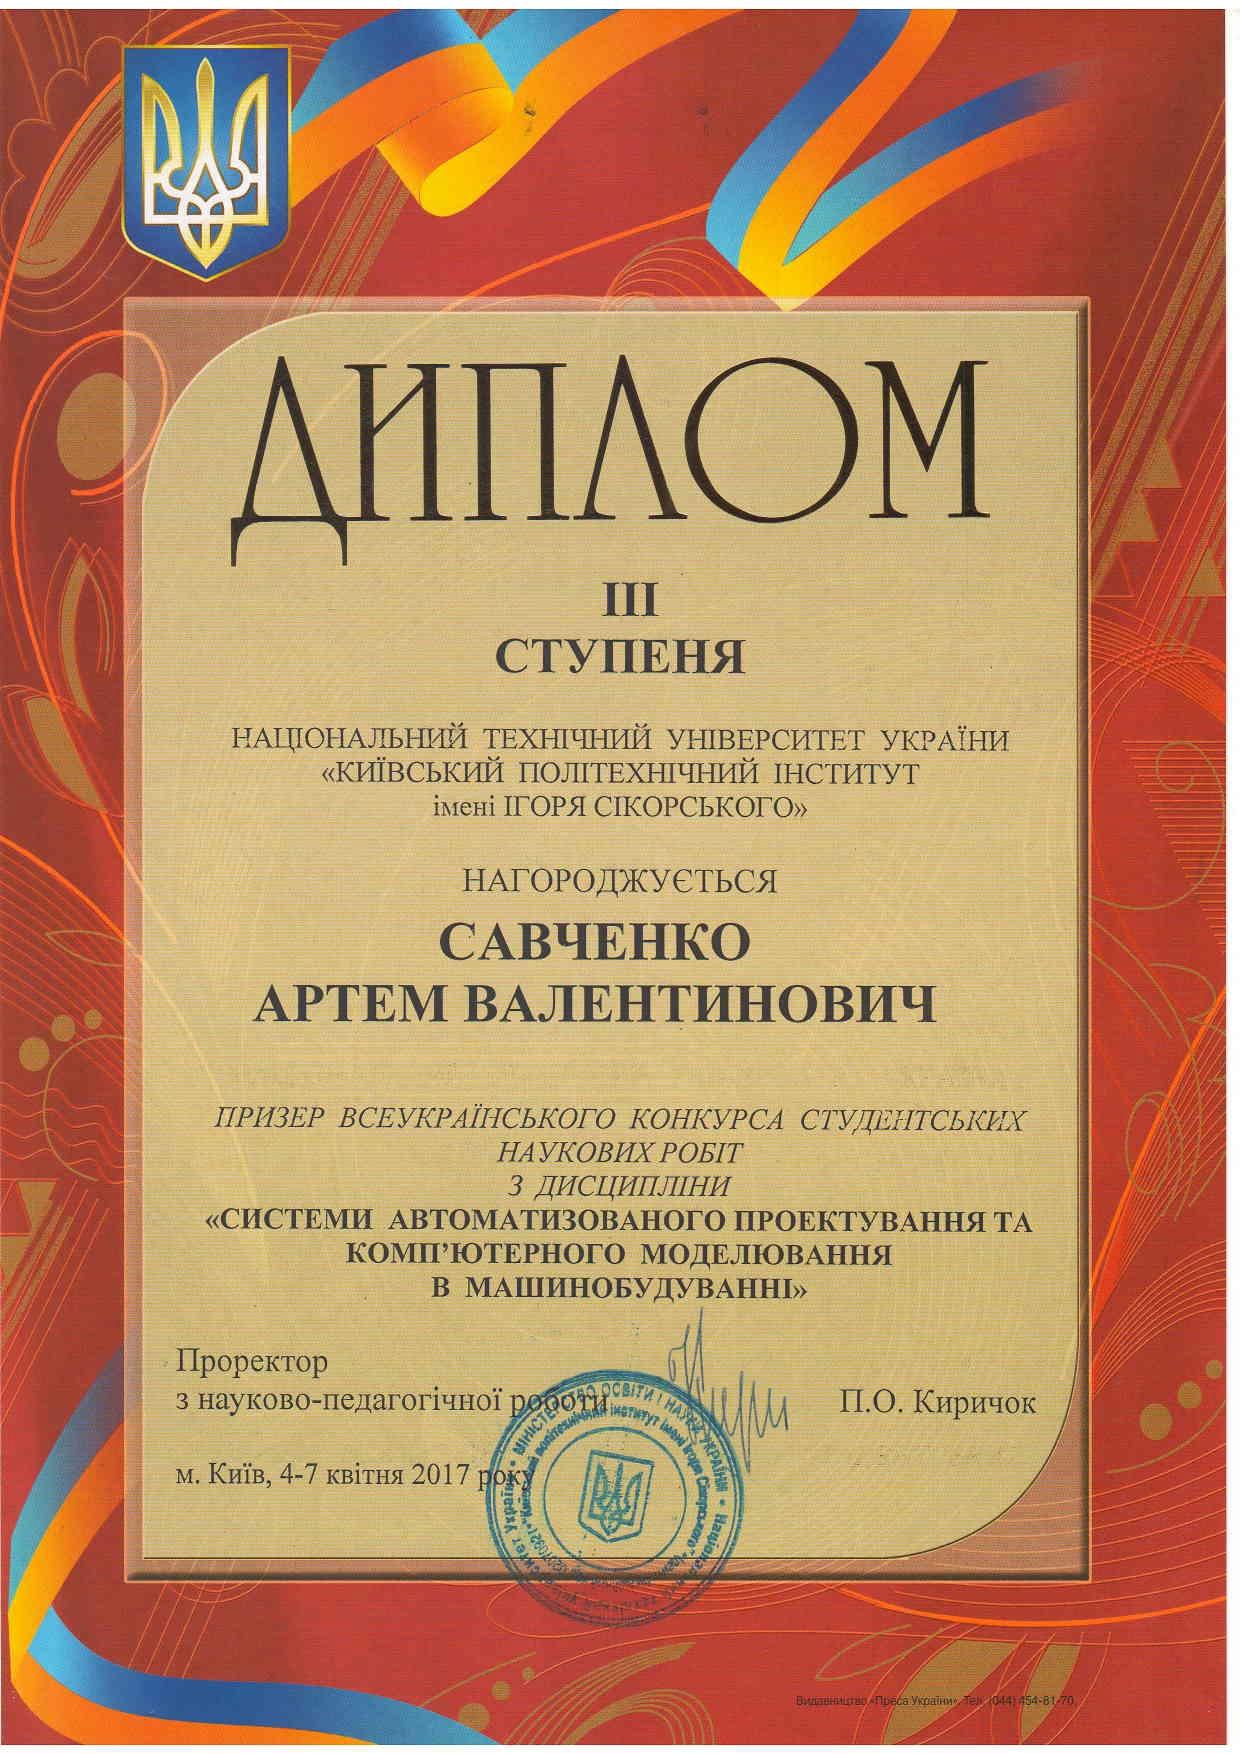 Diplom 3-go stupenia_Savchenco